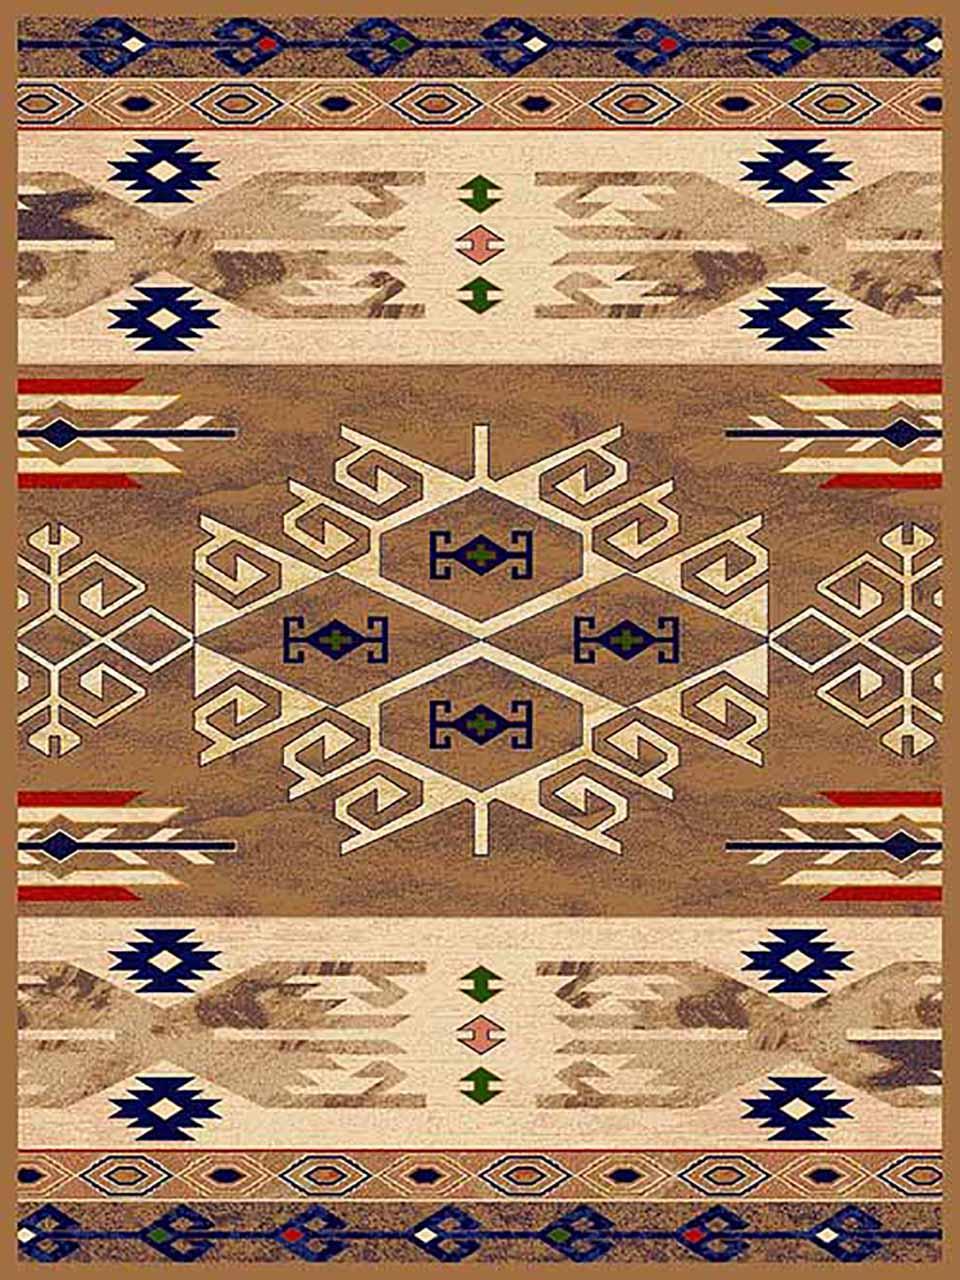 فرش (271) پلی پروپیلن - 8 رنگ - 320 شانه - بژ - تراکم 960